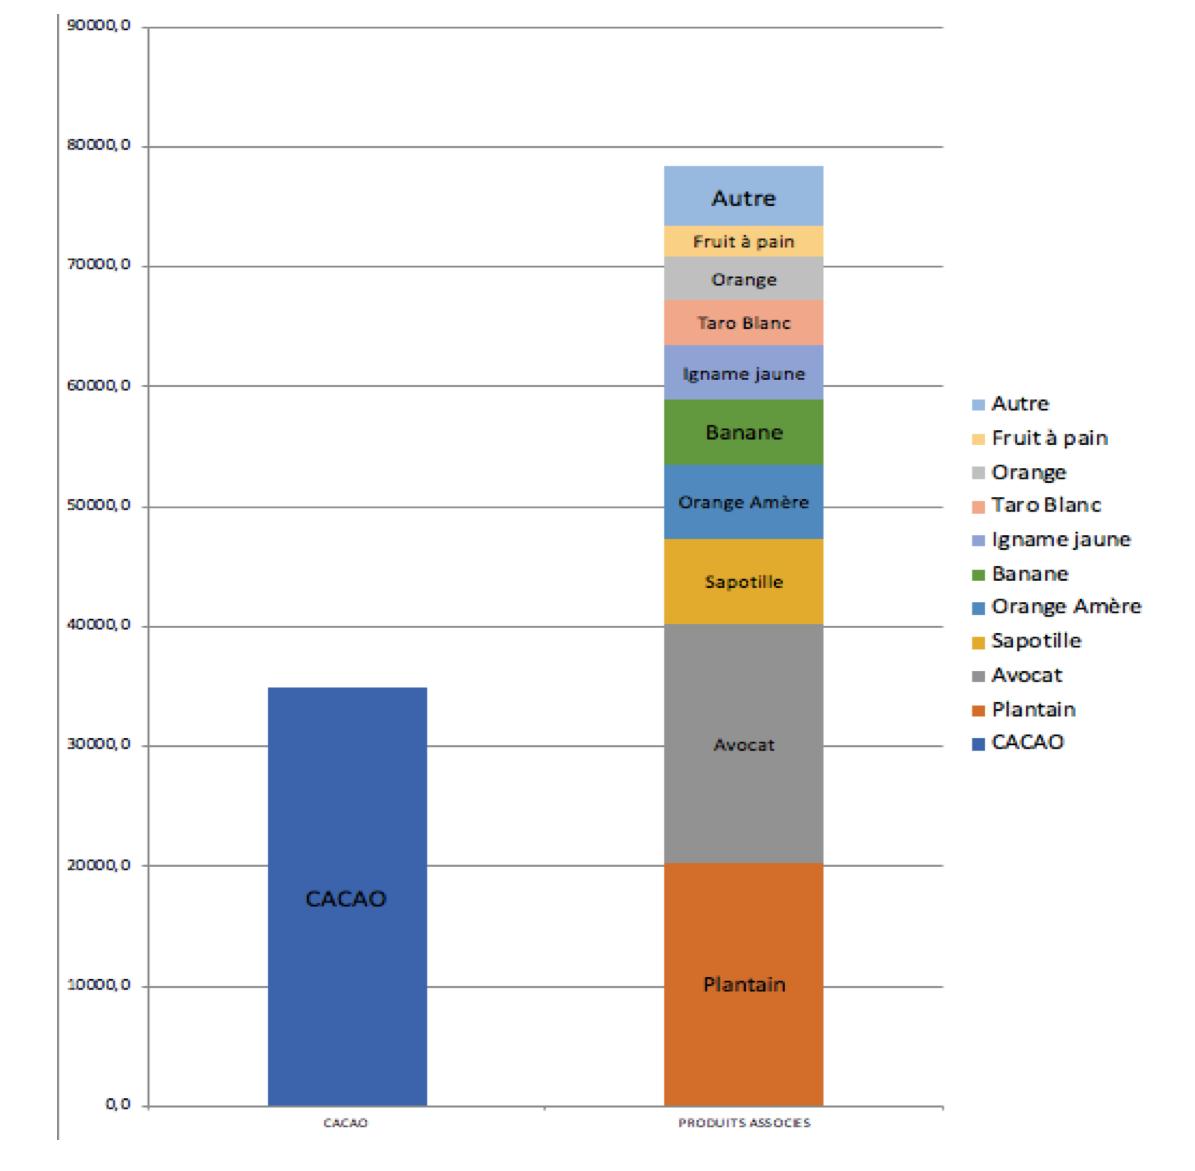 Graphique comparatif entre les valeurs potentielles à la vente du cacao et des produits associés à Jamey en RD$ (1000 RD$ = 20 US$) (source Th. Emery)